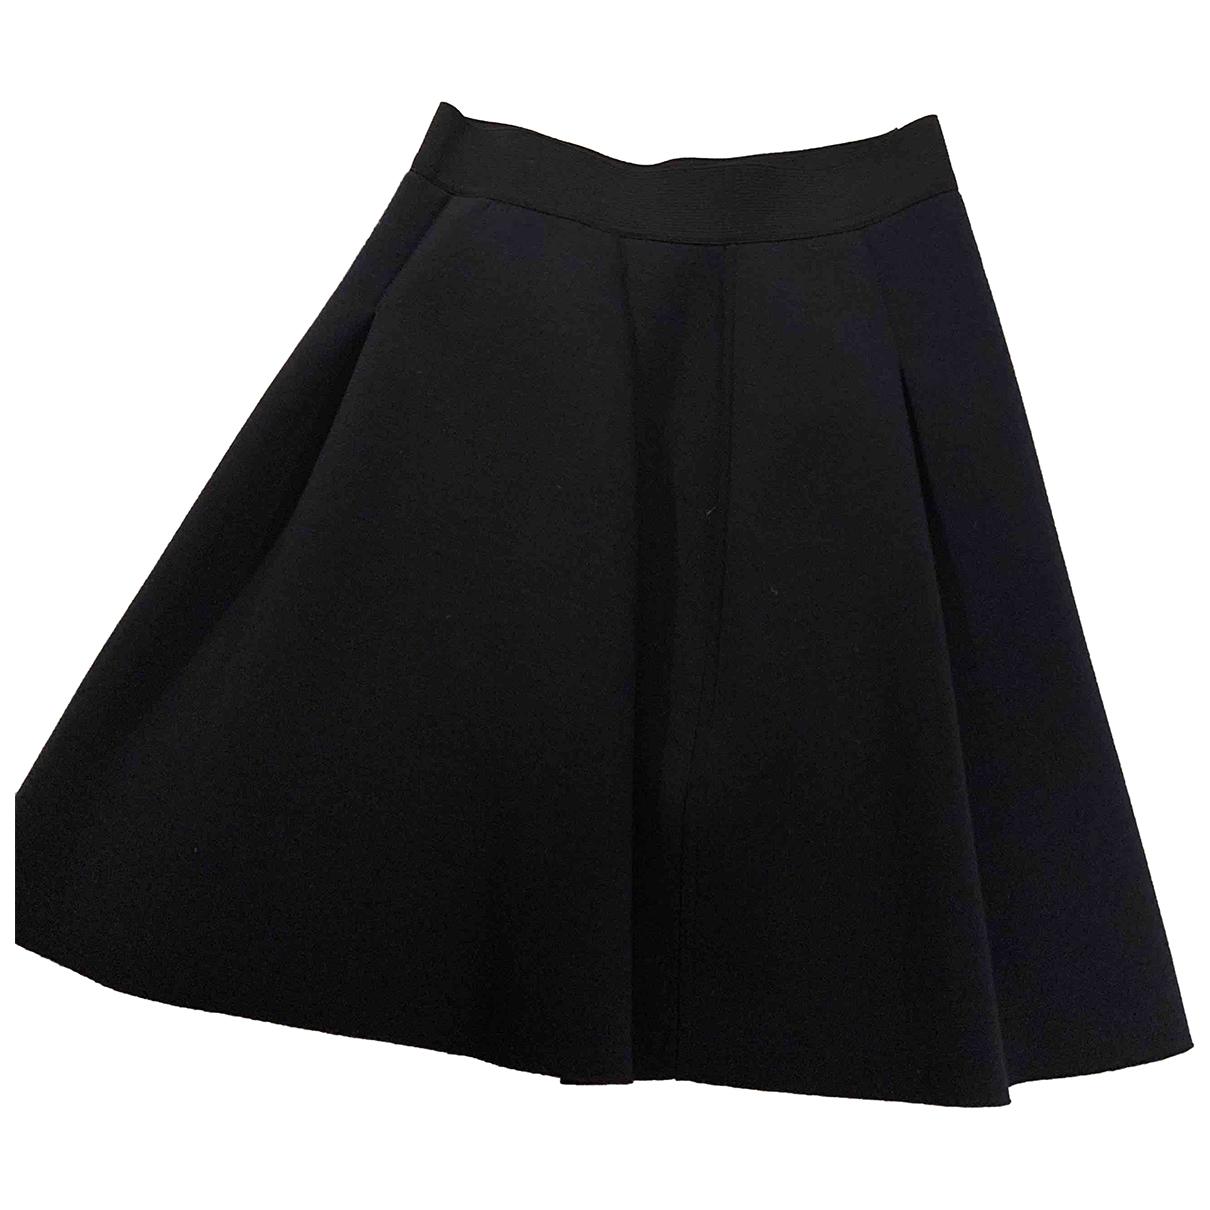 Merci \N Navy skirt for Women 36 IT